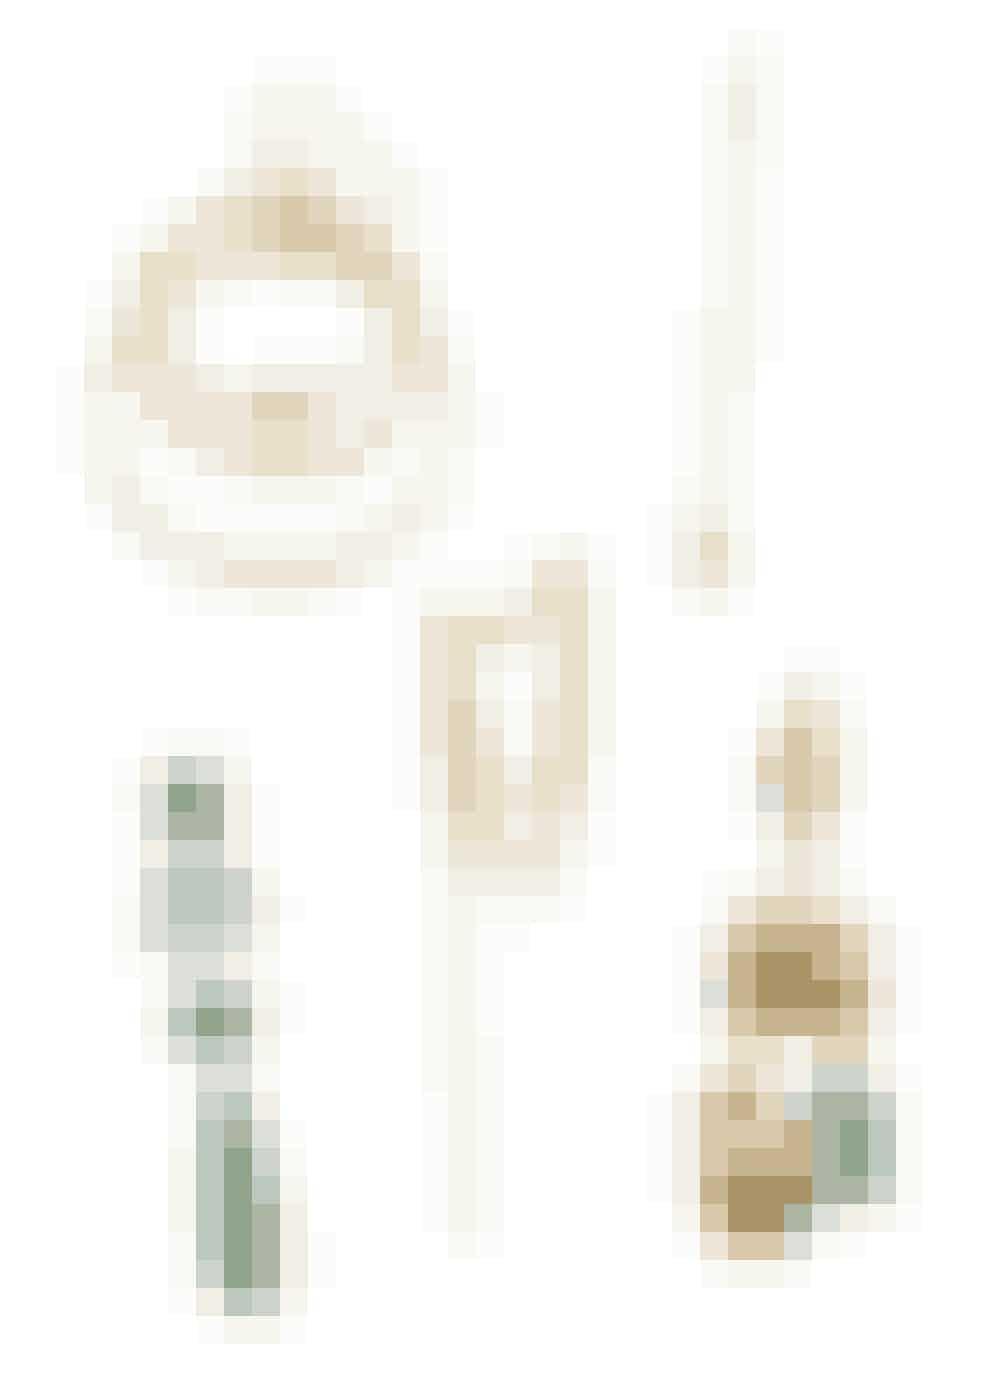 Selvom trenden fremmer mix fremfor match, kan du jo godt matche dine miksede øreringe. Fx ved at holde dem i samme farvetone. De danske smykkedesignere har især været glade for guld og grøn.Ørering med ringe, RebekkaRebekka, 799 kr. Købes online HERLang ørering med sten, Sophie Bille Brahe, 9.815 kr. Købes online HERGrøn ørering med flere sten i række, Ole Lynggaard Copenhagen, 36.500 kr. Købes hos en Ole Lynggaard Copenhagen-forhandler.Ørering med kæde, Zabel Jewellery, 1.099 kr. Købes online HERØrering med et grønt element, Orit Elhanati, 8.500 kr. Købes online HER